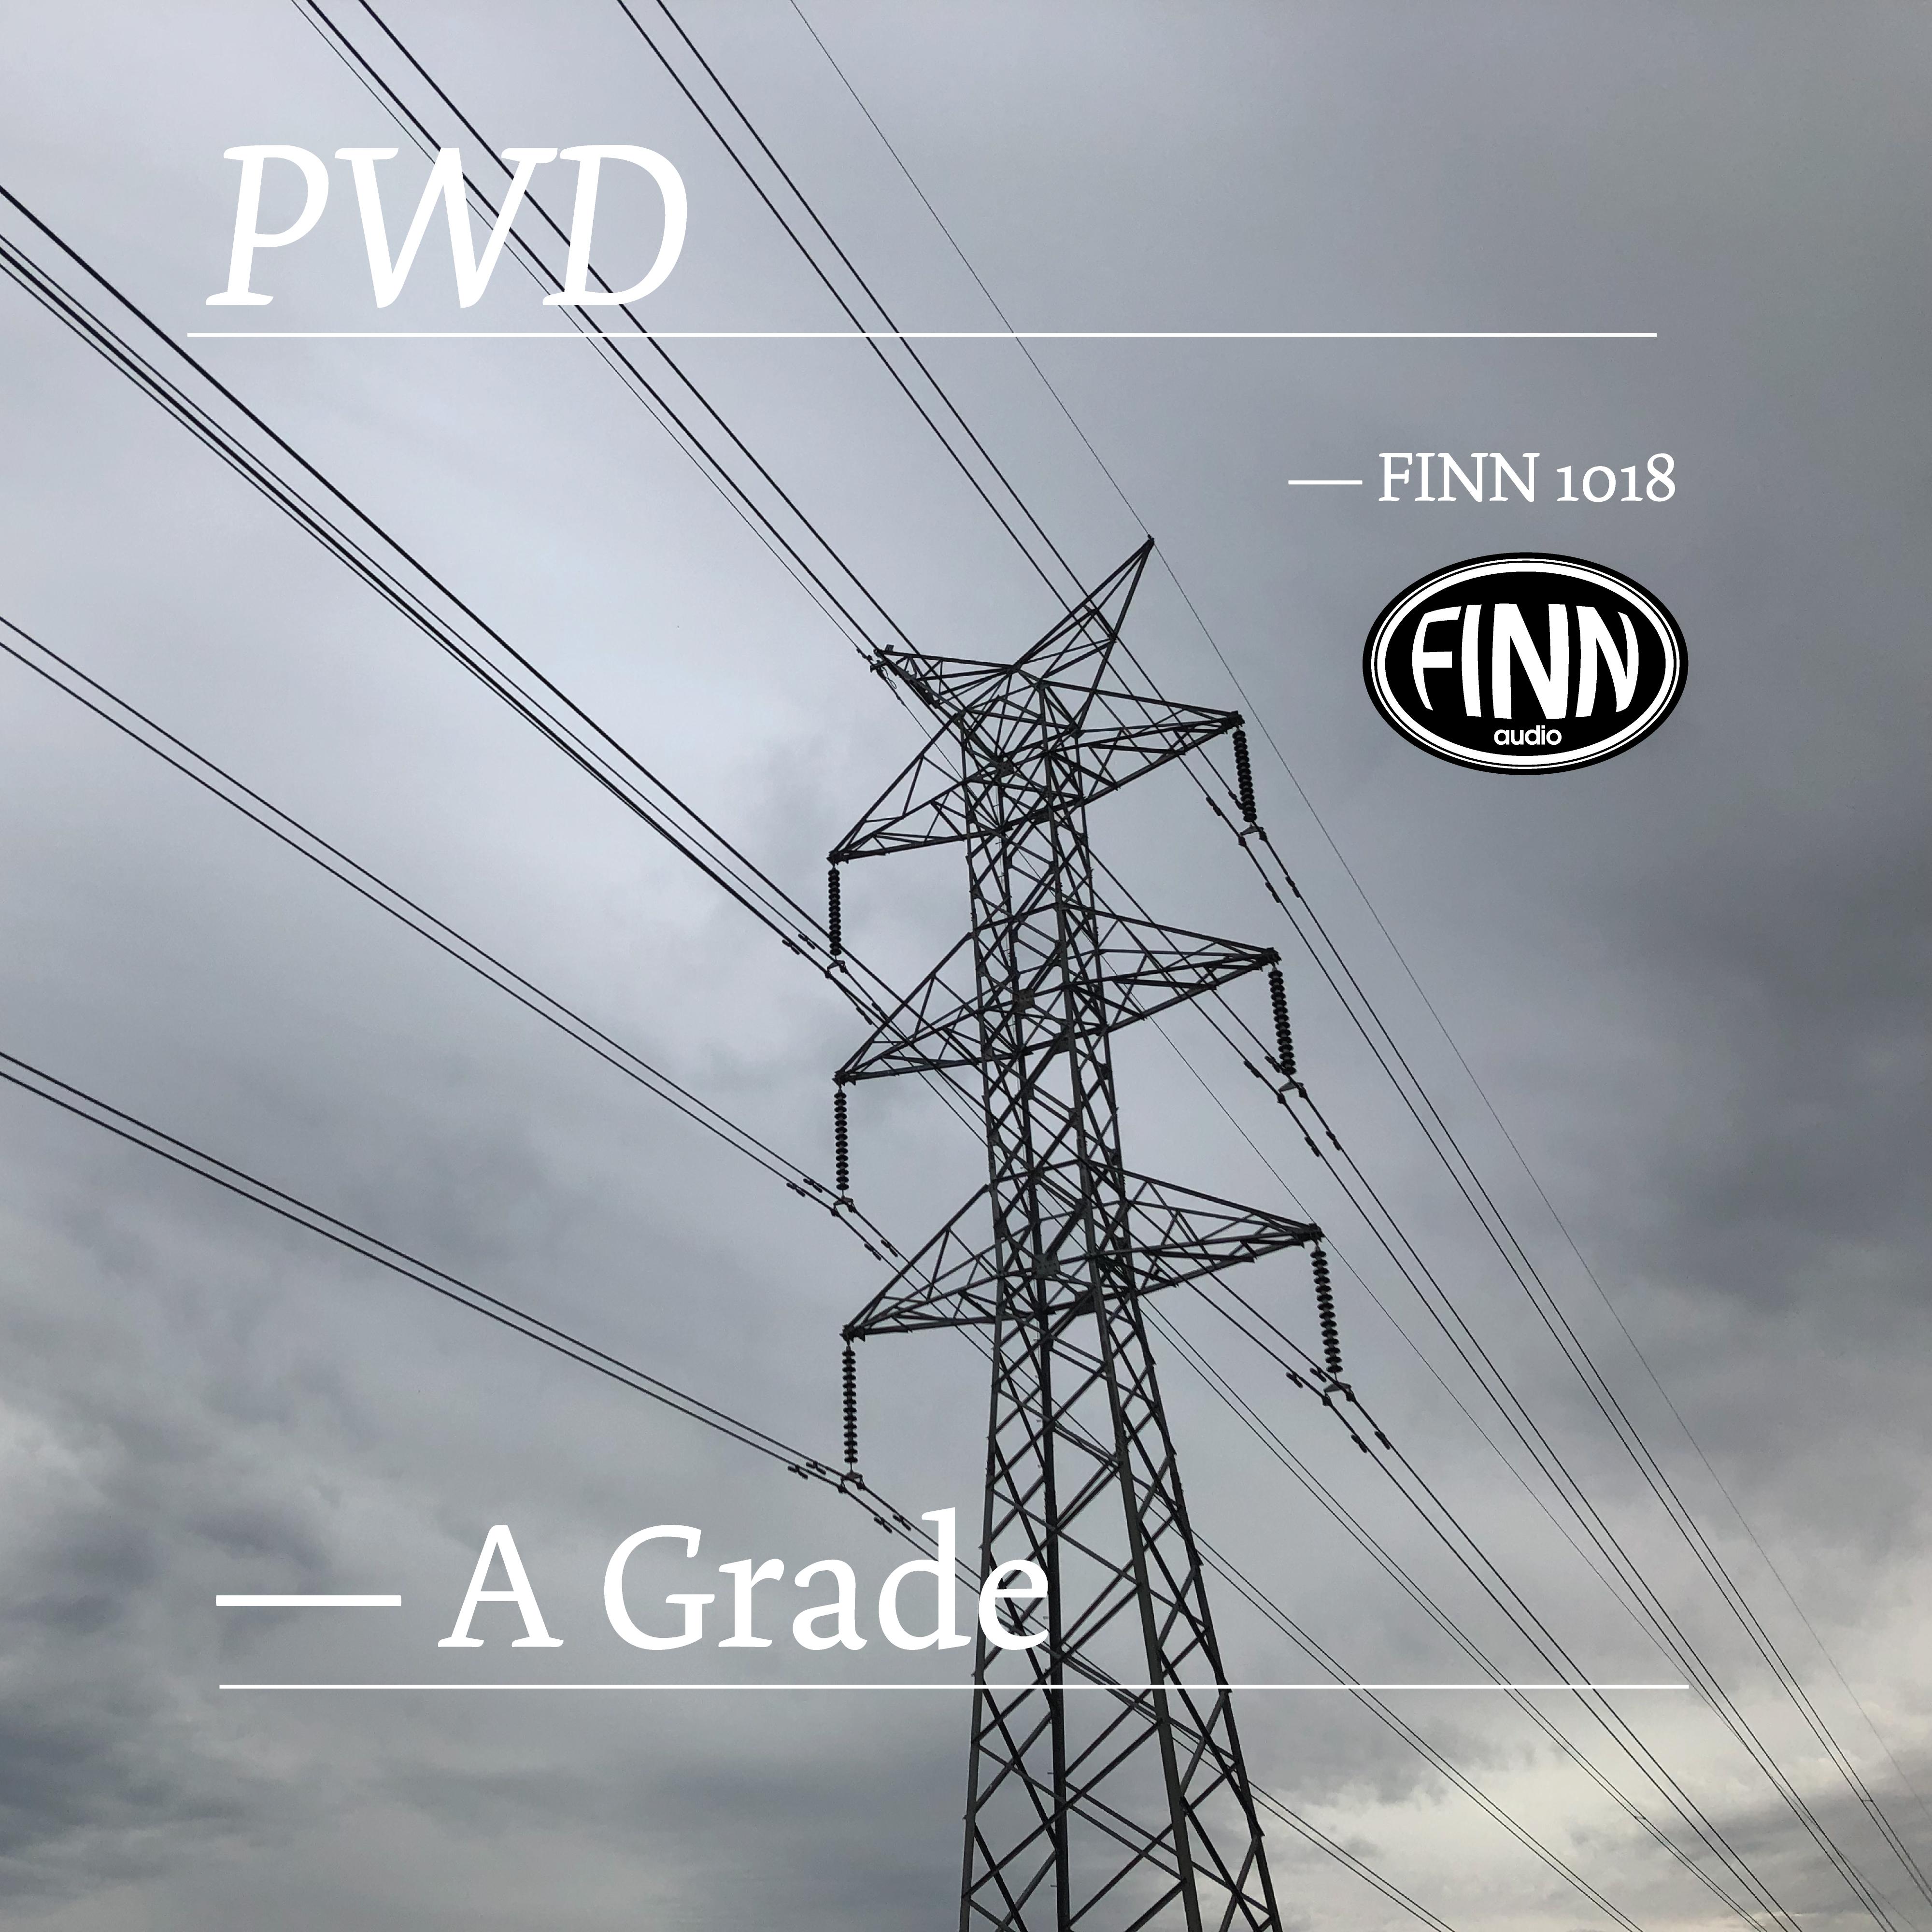 A Grade - PWD